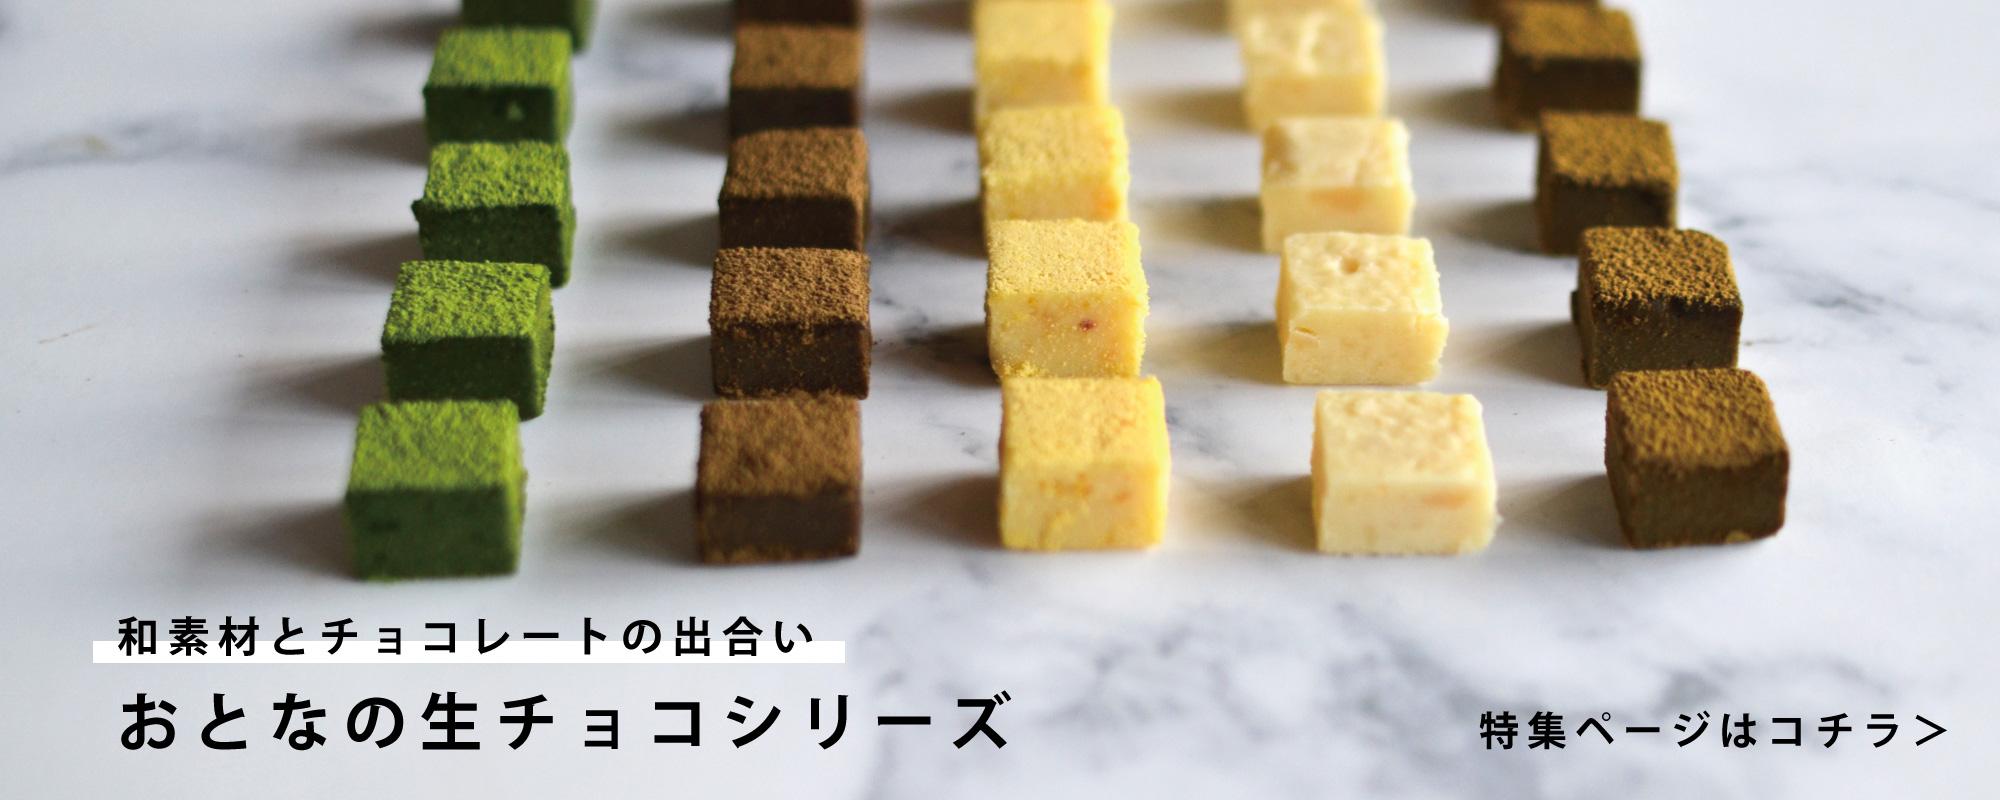 抹茶生チョコ&ほうじ茶生チョコ